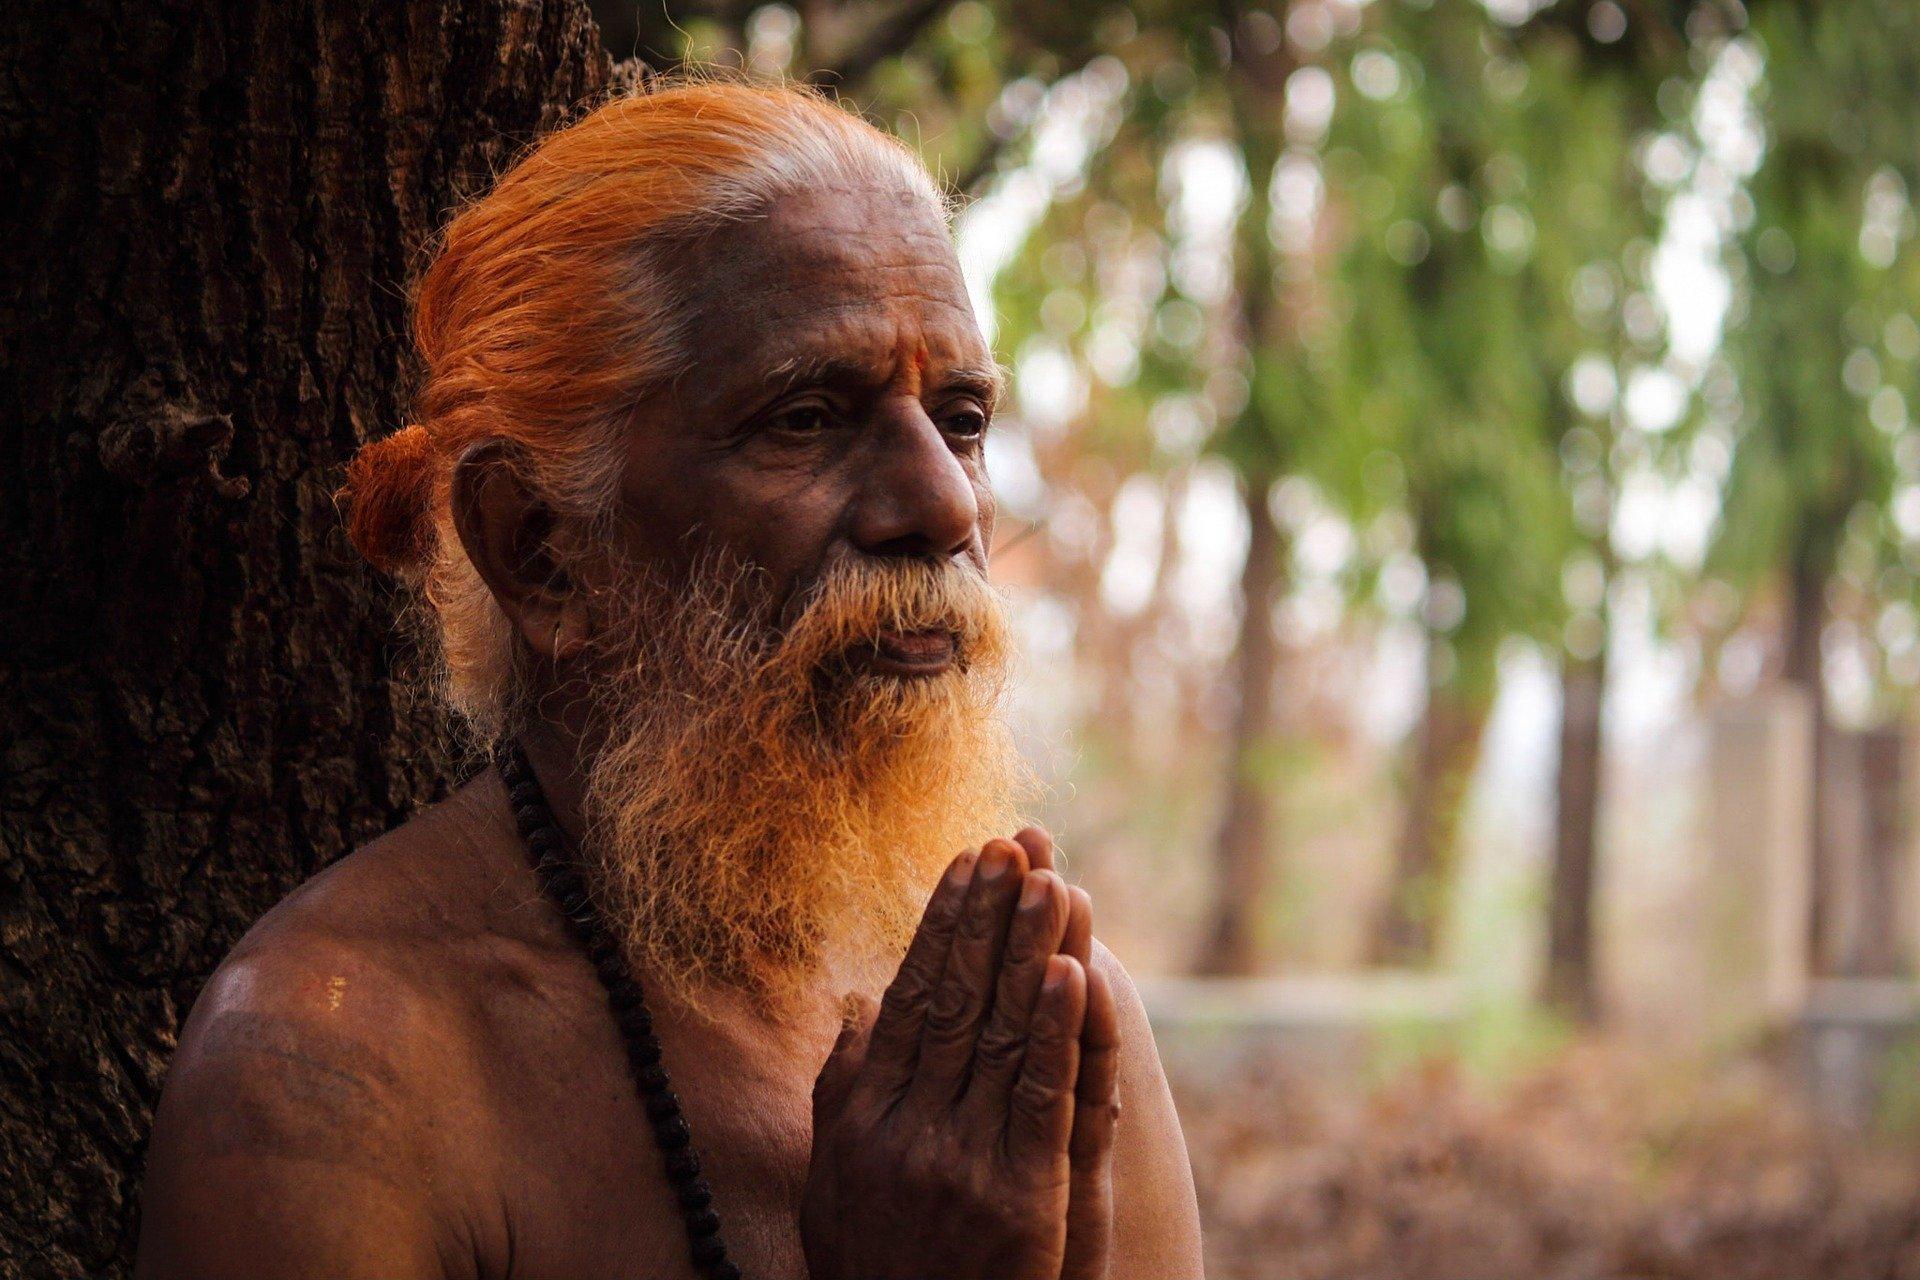 תפילה ביער, איפה אפשר להתפלל בכיפור בזמן קורונה, סיפורי חז